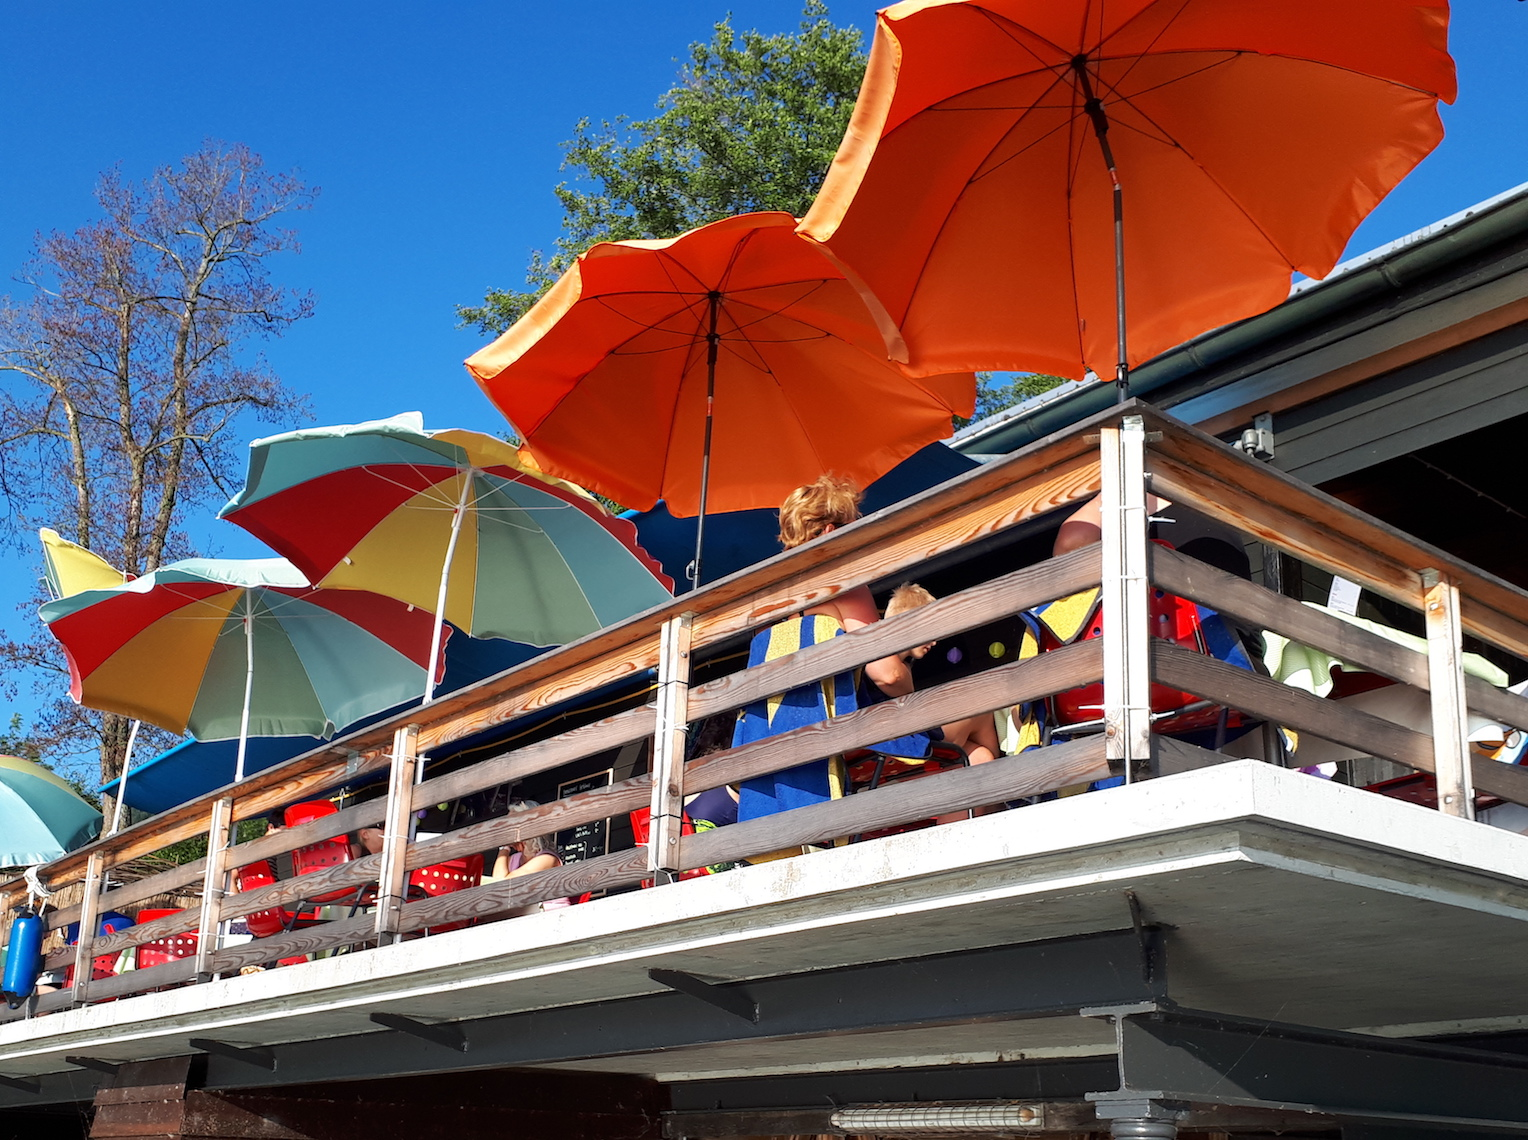 Beliebt an schönen Sommertagen: In-Beiz in der Badi Trubikon in Oberwil.